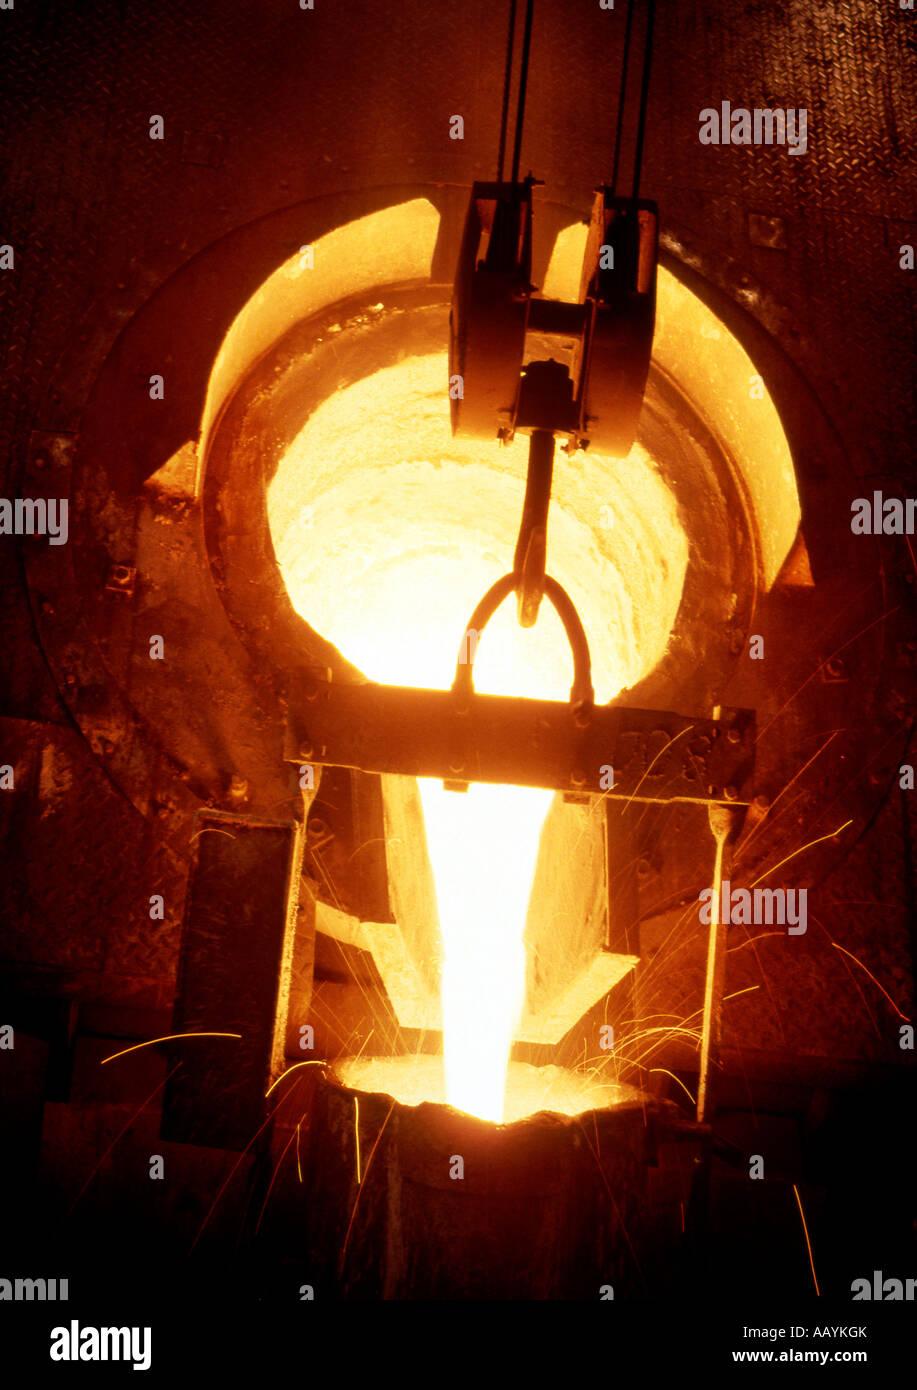 La production d'acier et de fer forge Industrie Usine Tapping de fer brut de fonderie Photo Stock